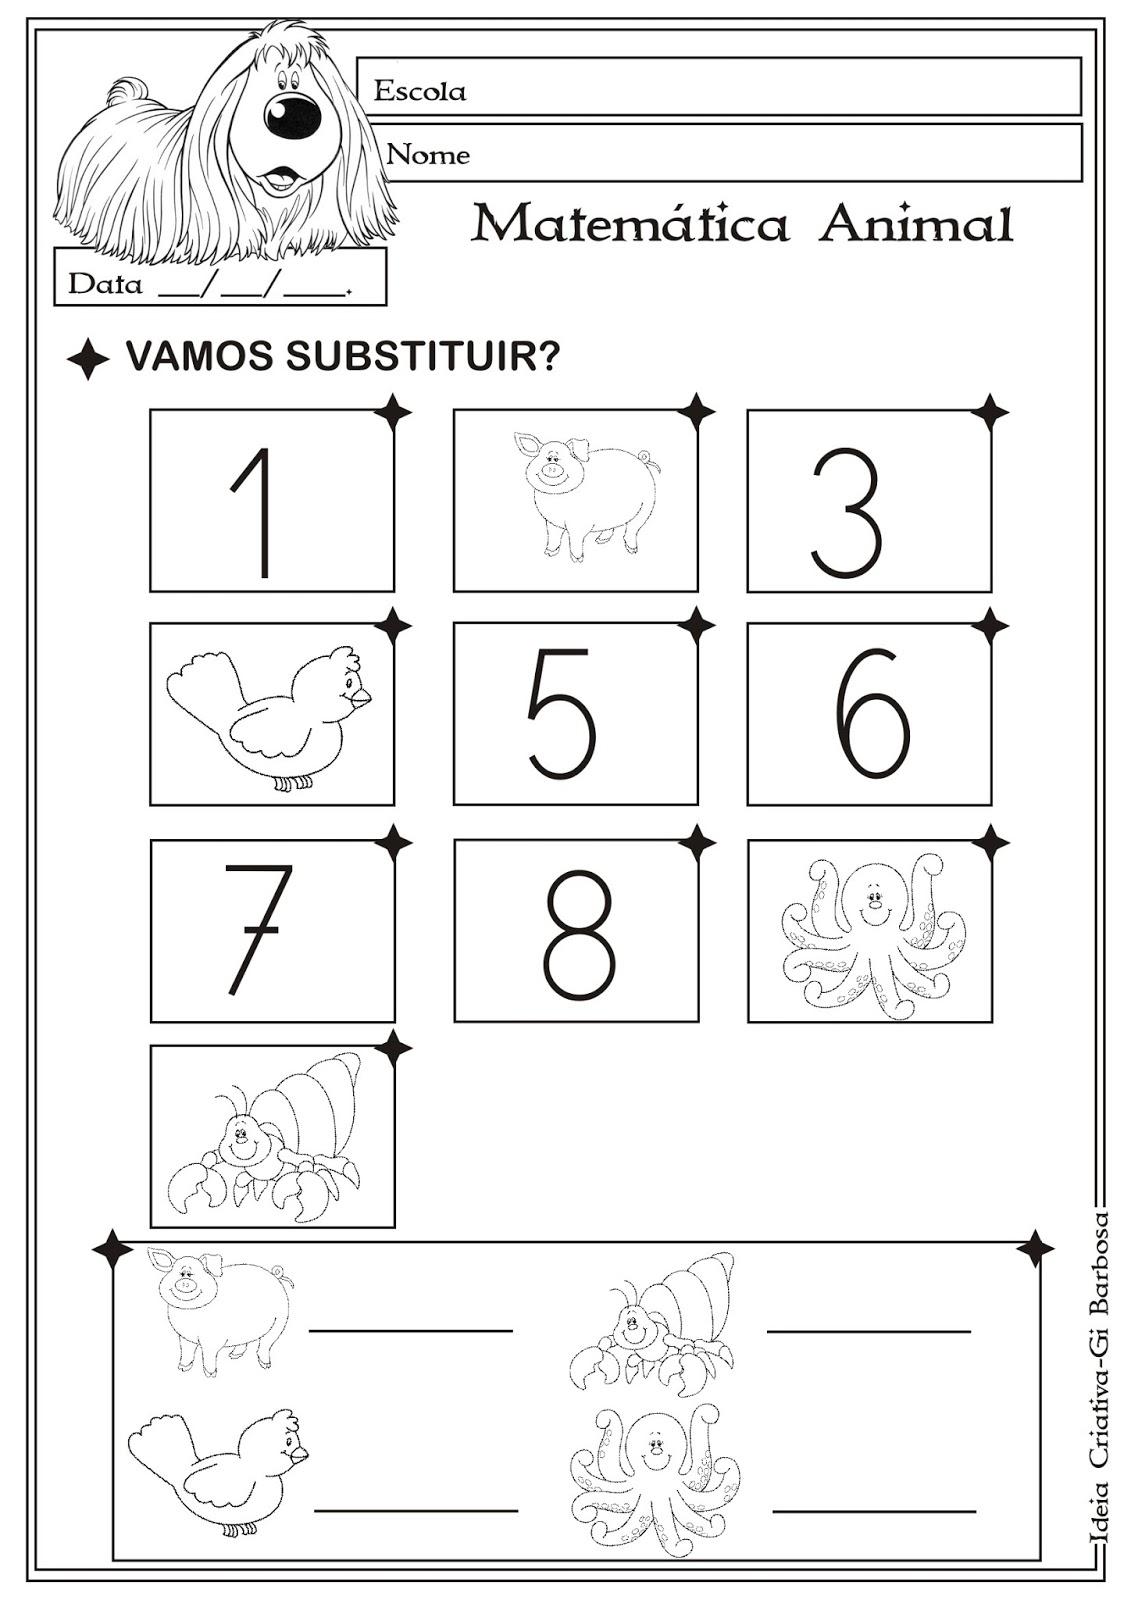 Favoritos Atividade Matemática Educação Infantil/ Projeto Animais | Ideia  FS62